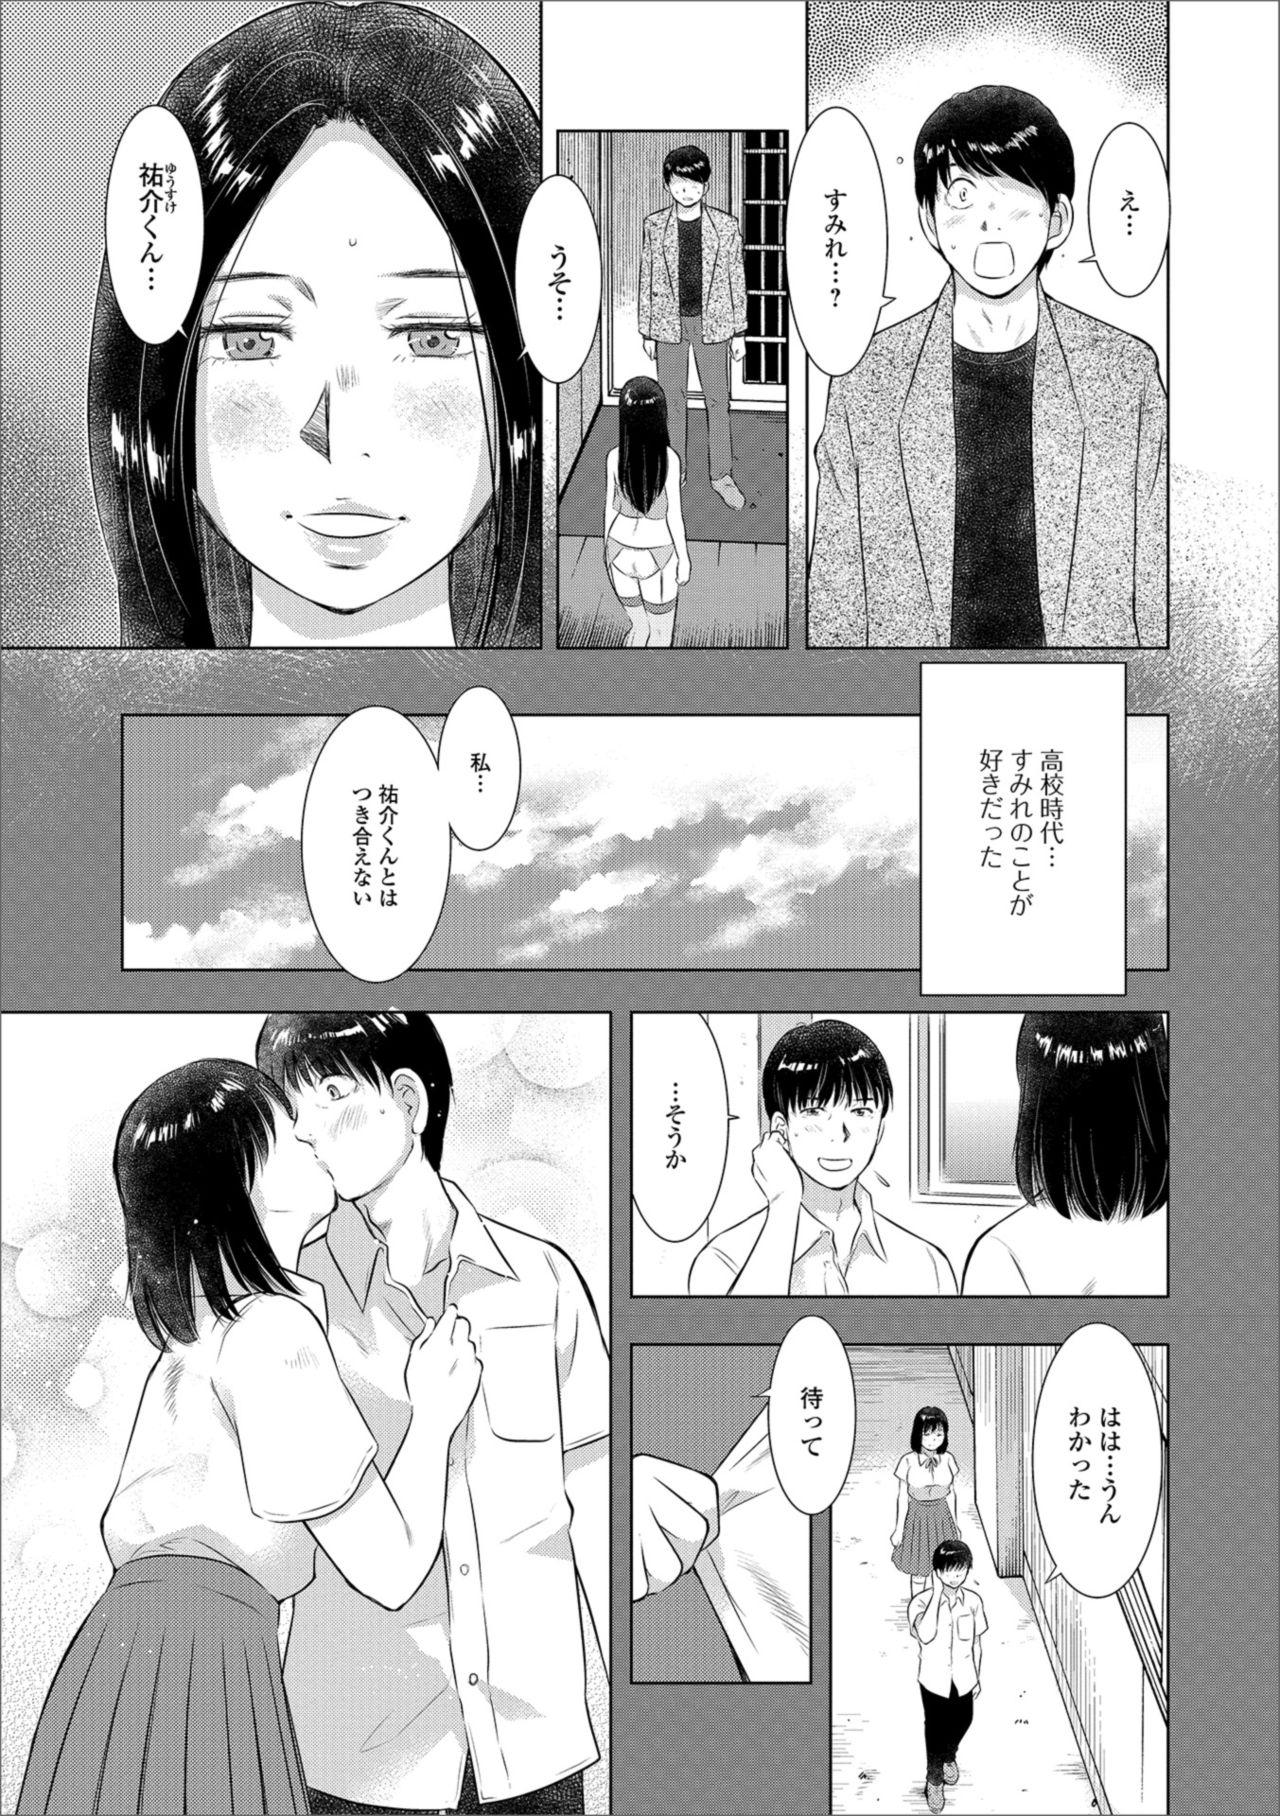 Web Haishin Gekkan Tonari no Kininaru Oku-san Vol. 019 48